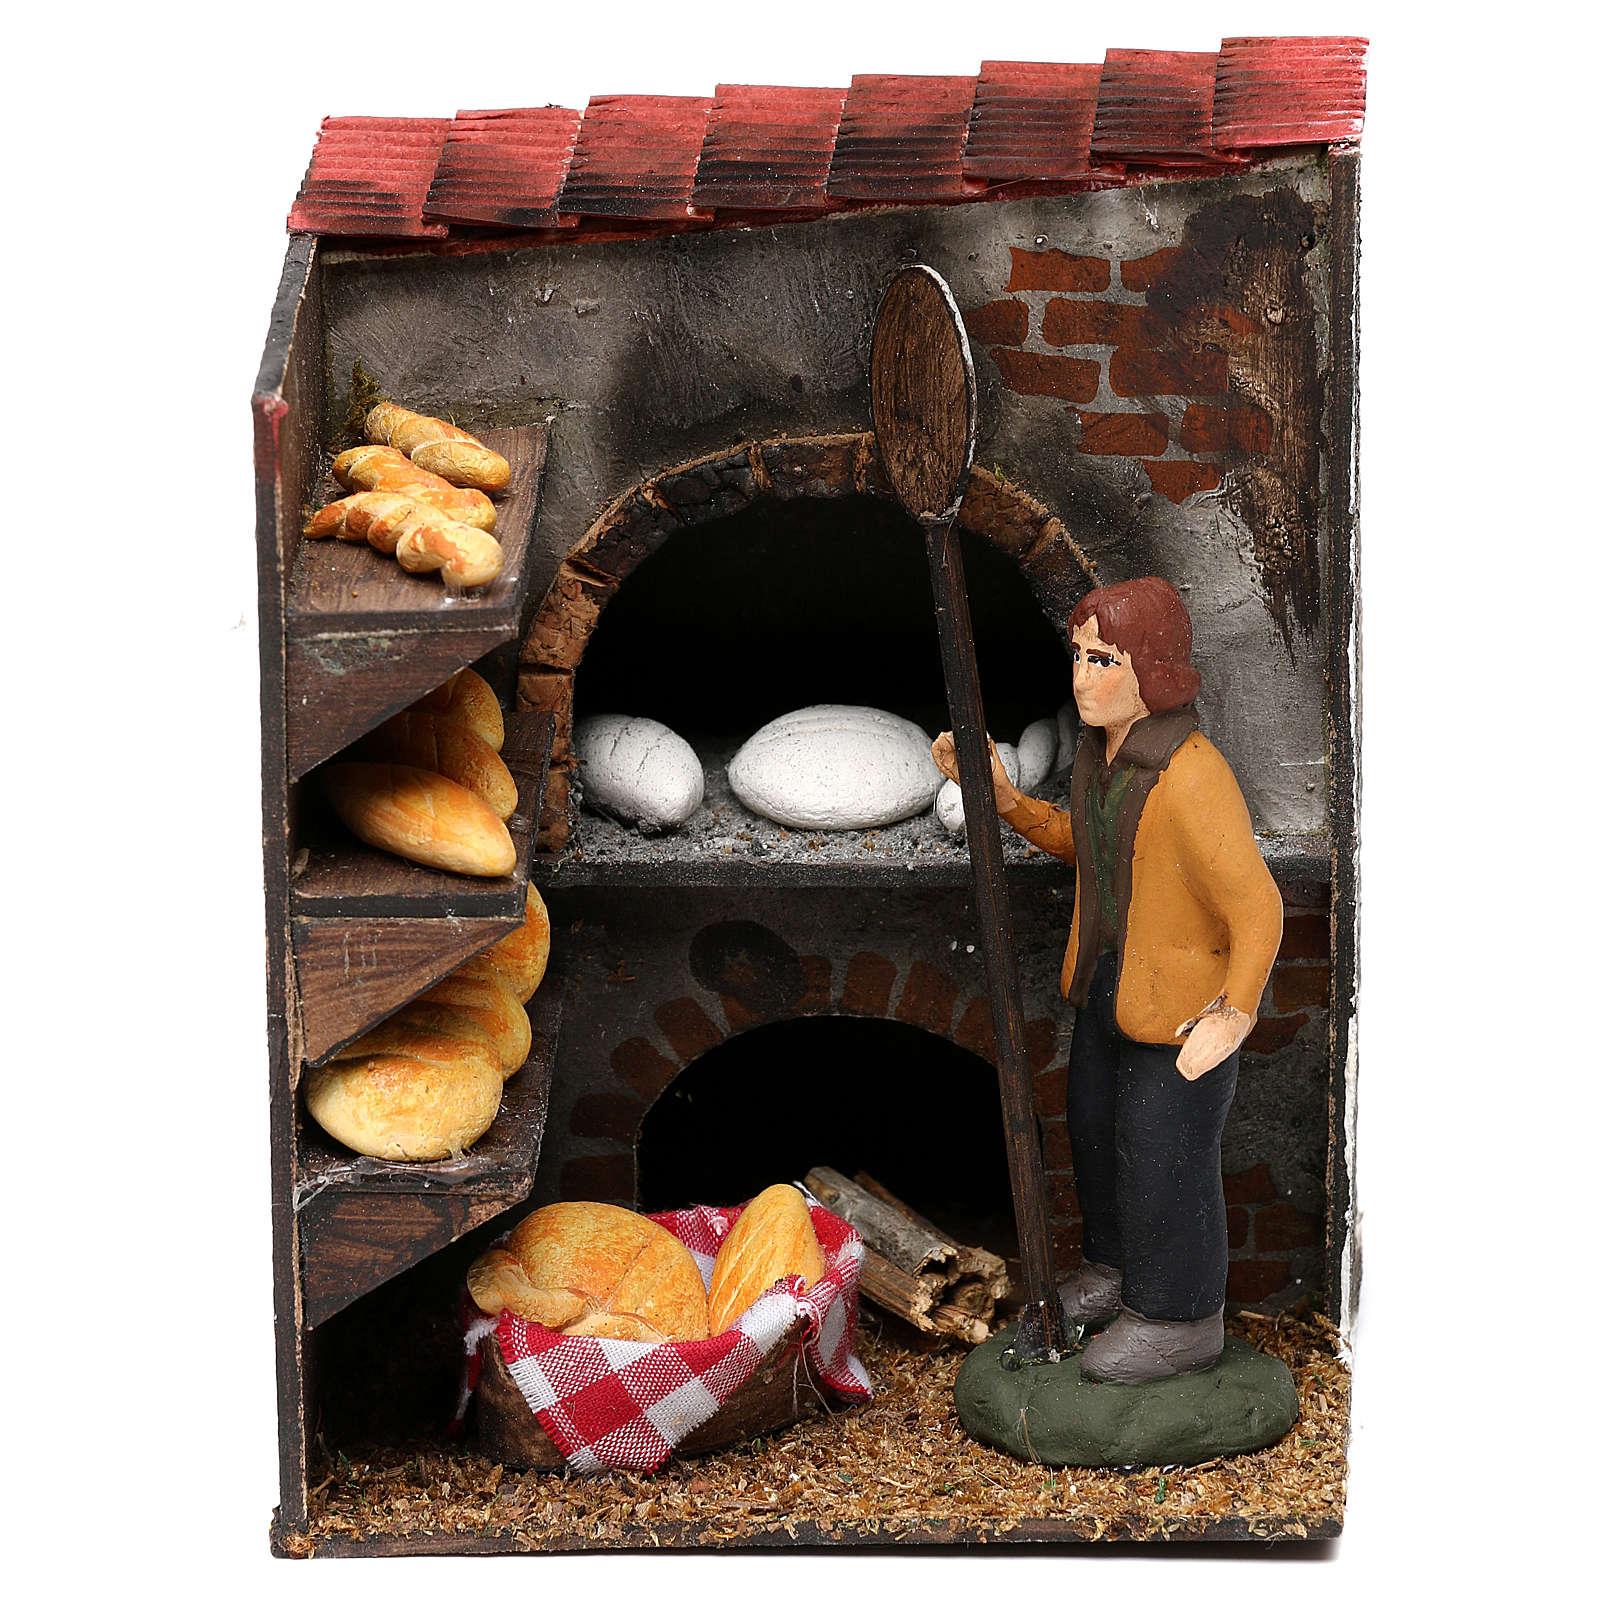 Bakery with baker for Neapolitan Nativity scene 8 cm 4